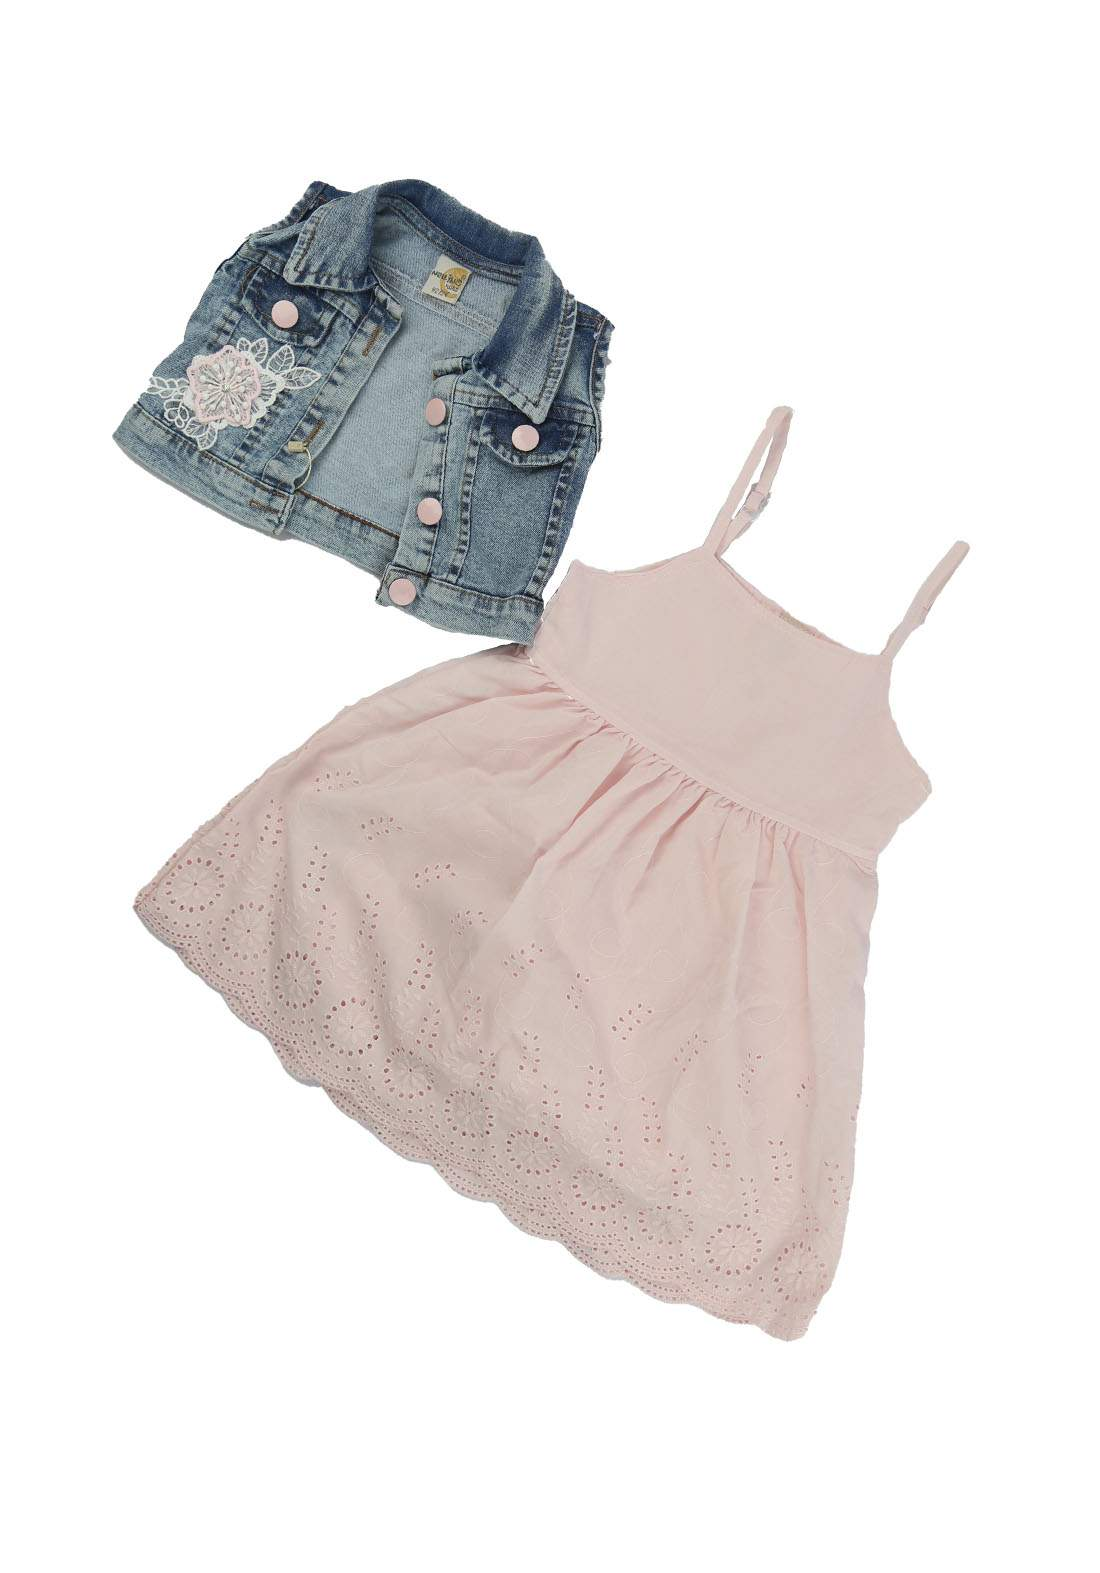 فستان بناتي وردي وازرق اللون  2181